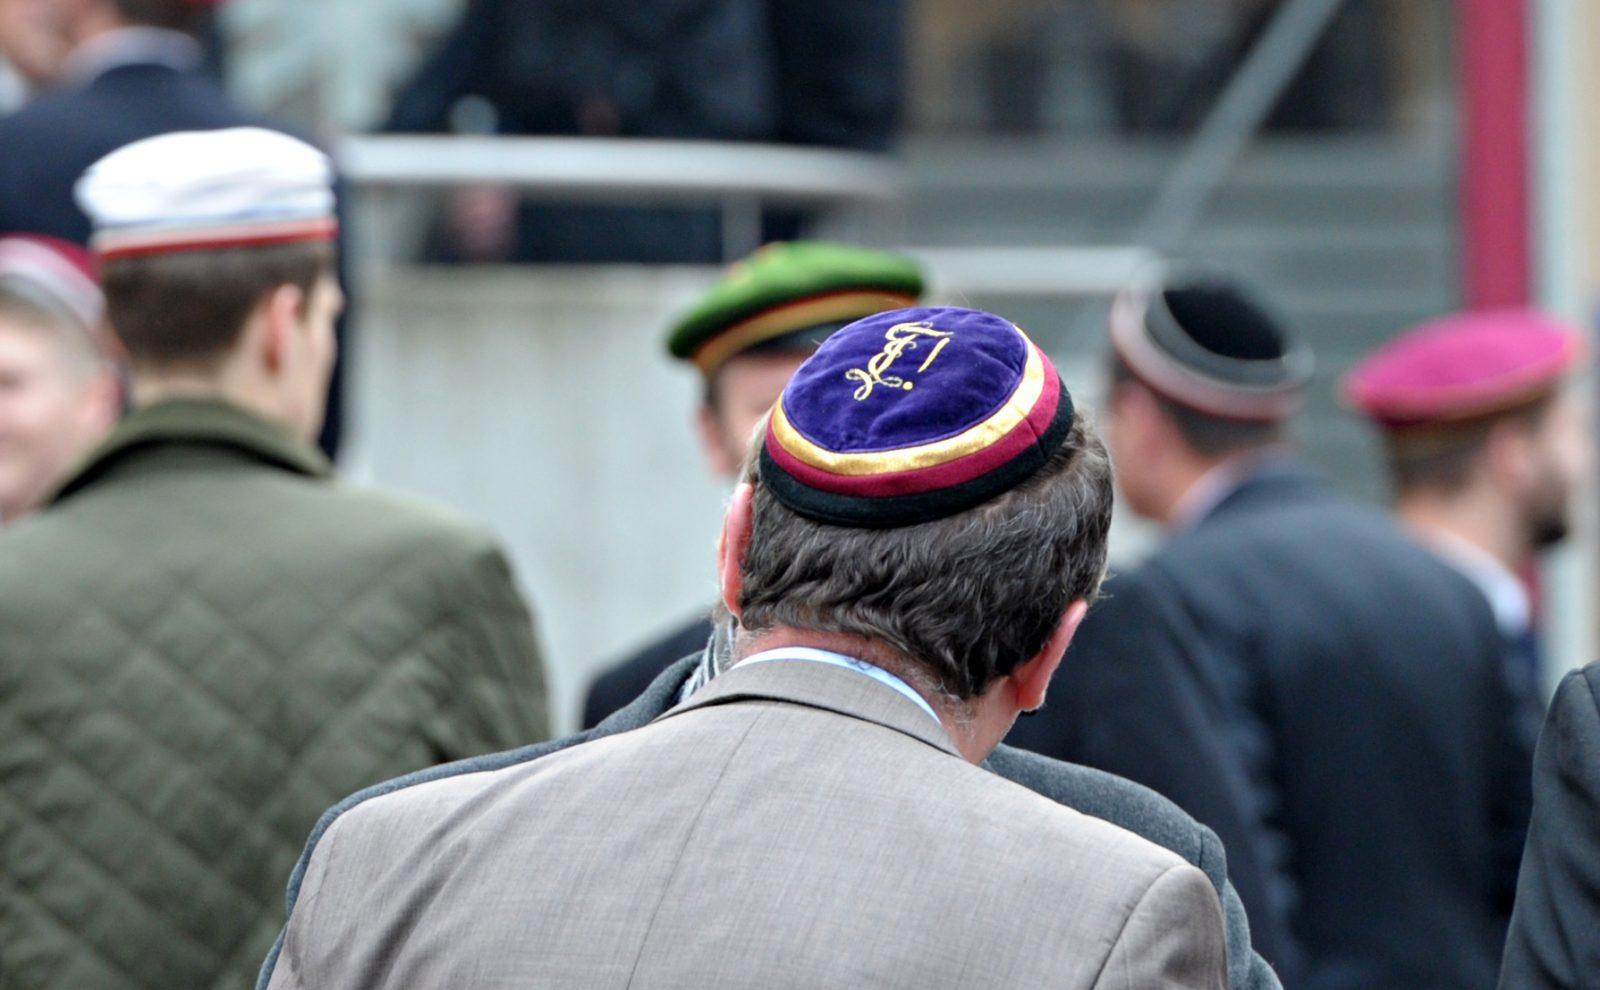 Der baden-württembergische Antisemitismusbeauftragte erhebt schwere Vorwürfe gegen Burschenschaften (Symbolbild) Foto: (c) dpa